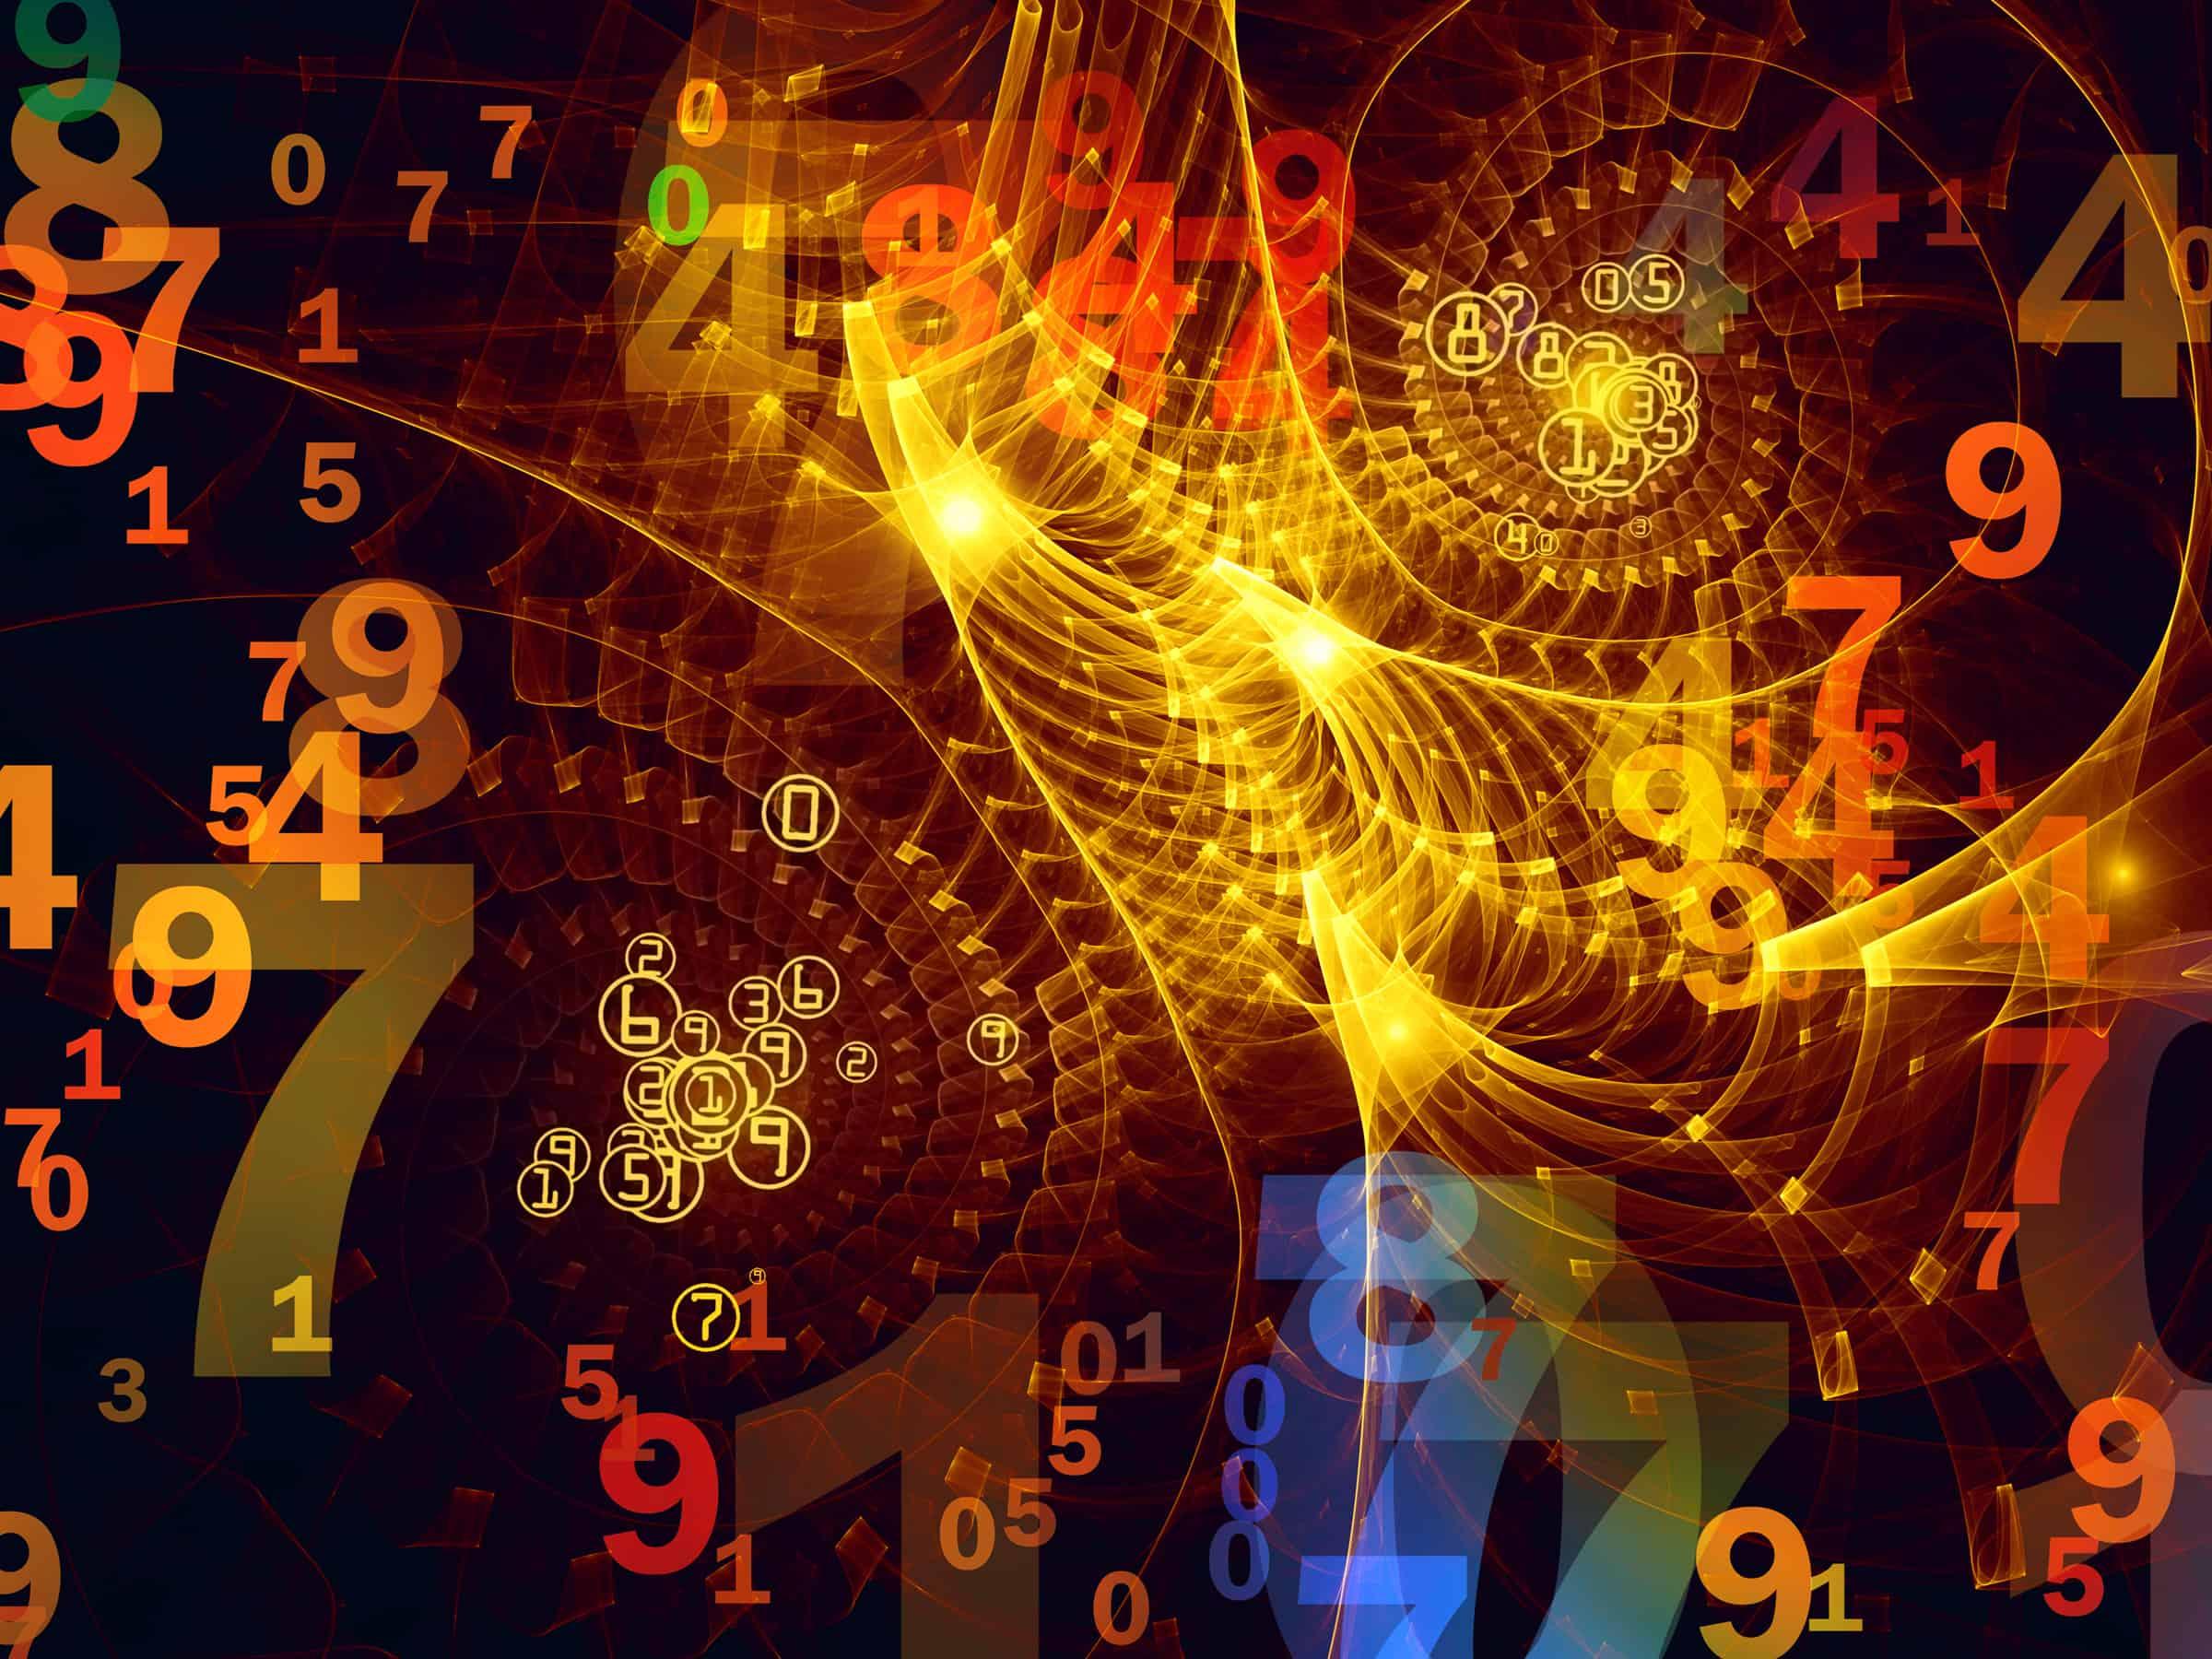 Brojevi i geometrijski simboli